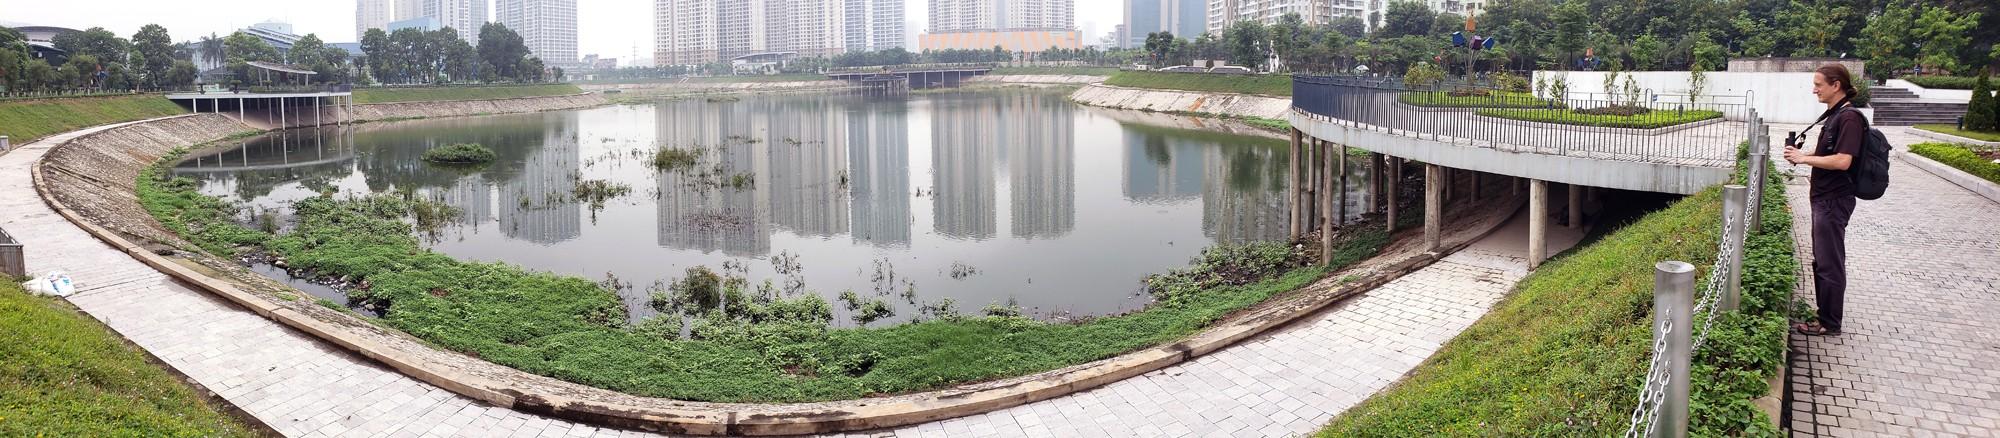 Công viên 300 tỉ đồng trên đất vàng ở Hà Nội mới khánh thành đã bị dân chê hôi thối - Ảnh 2.